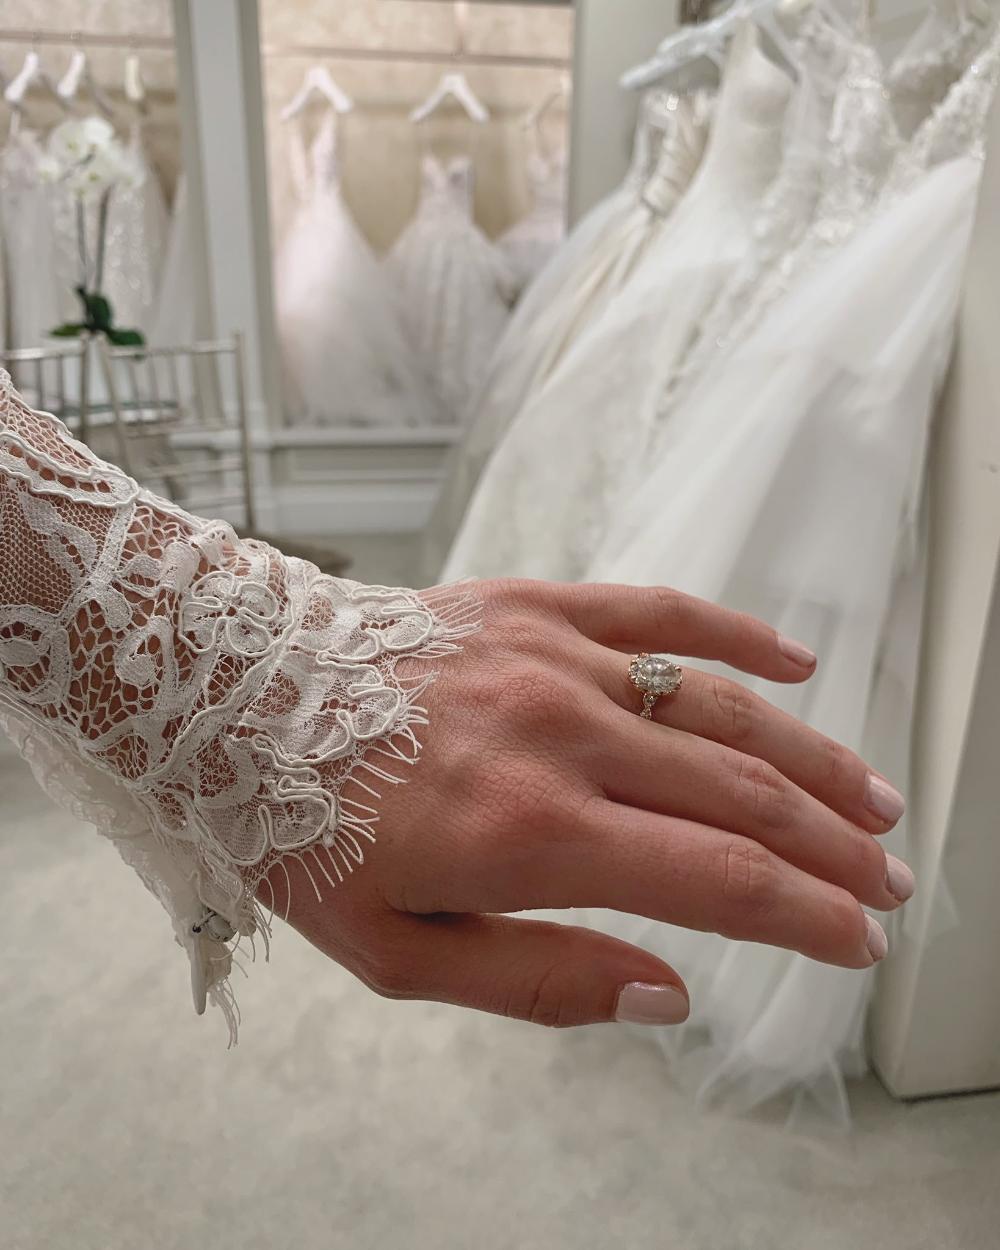 Pin on Future Wedding Ideas